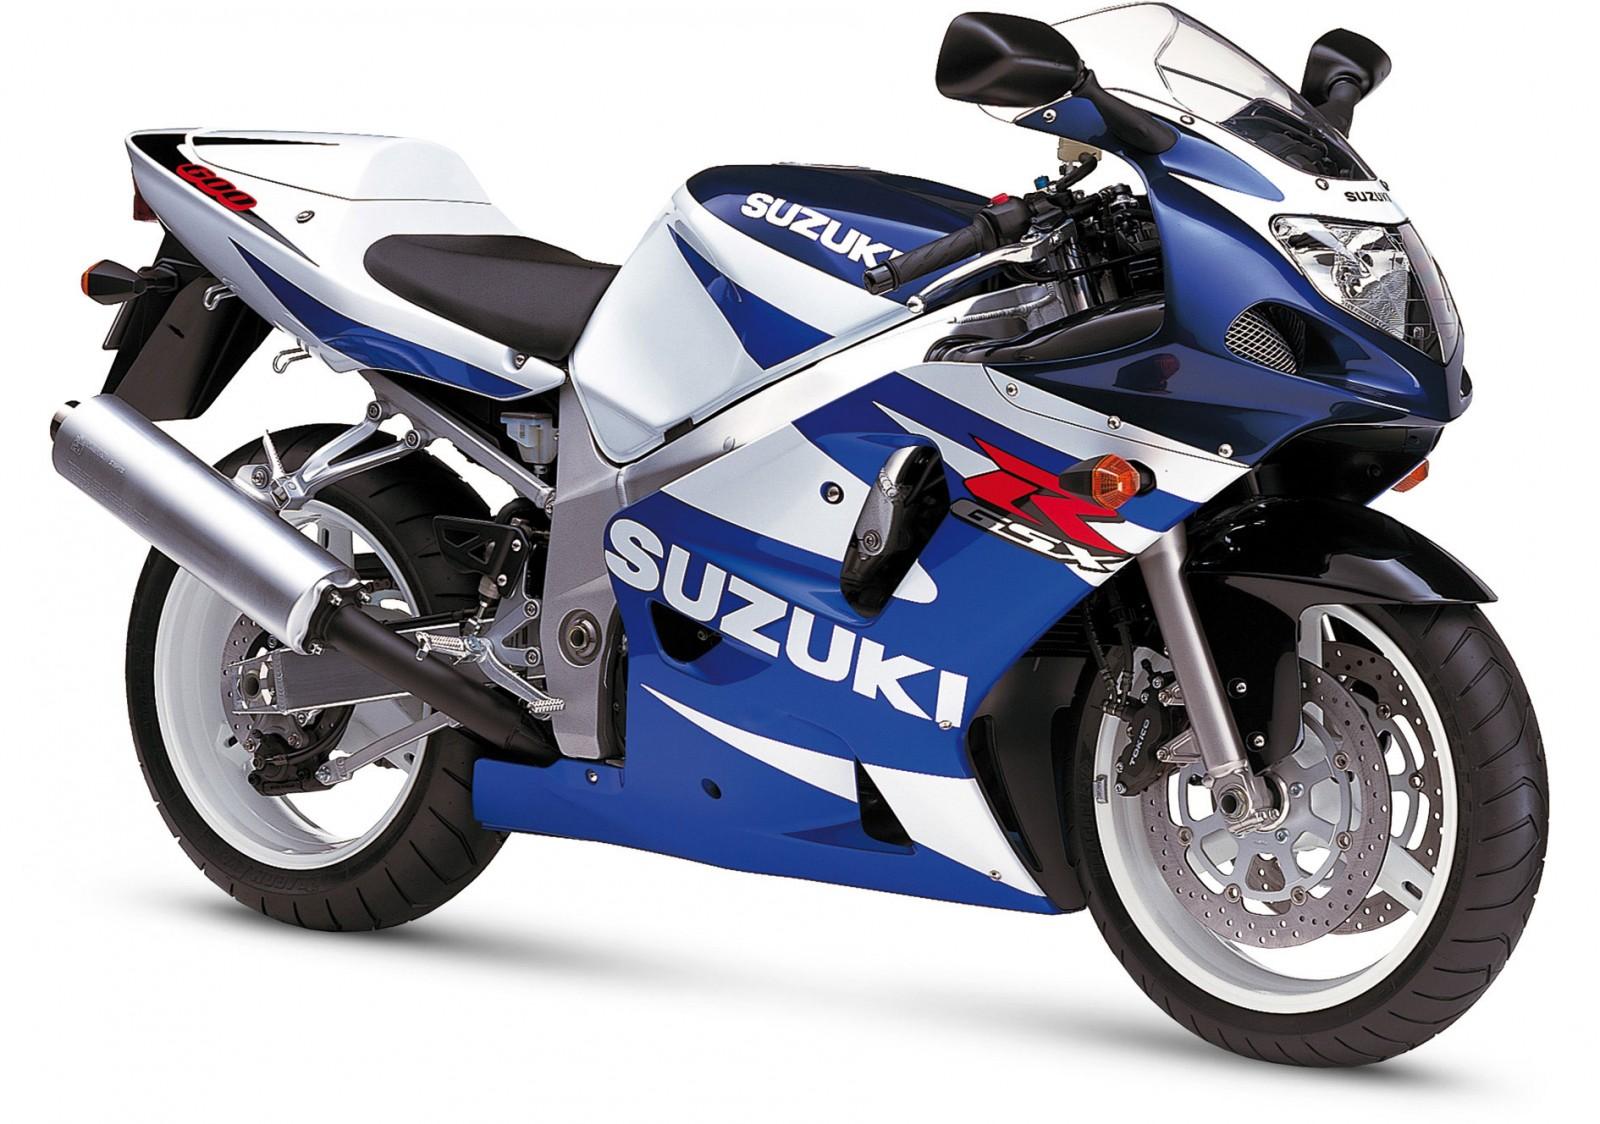 Suzuki Rg  Specs